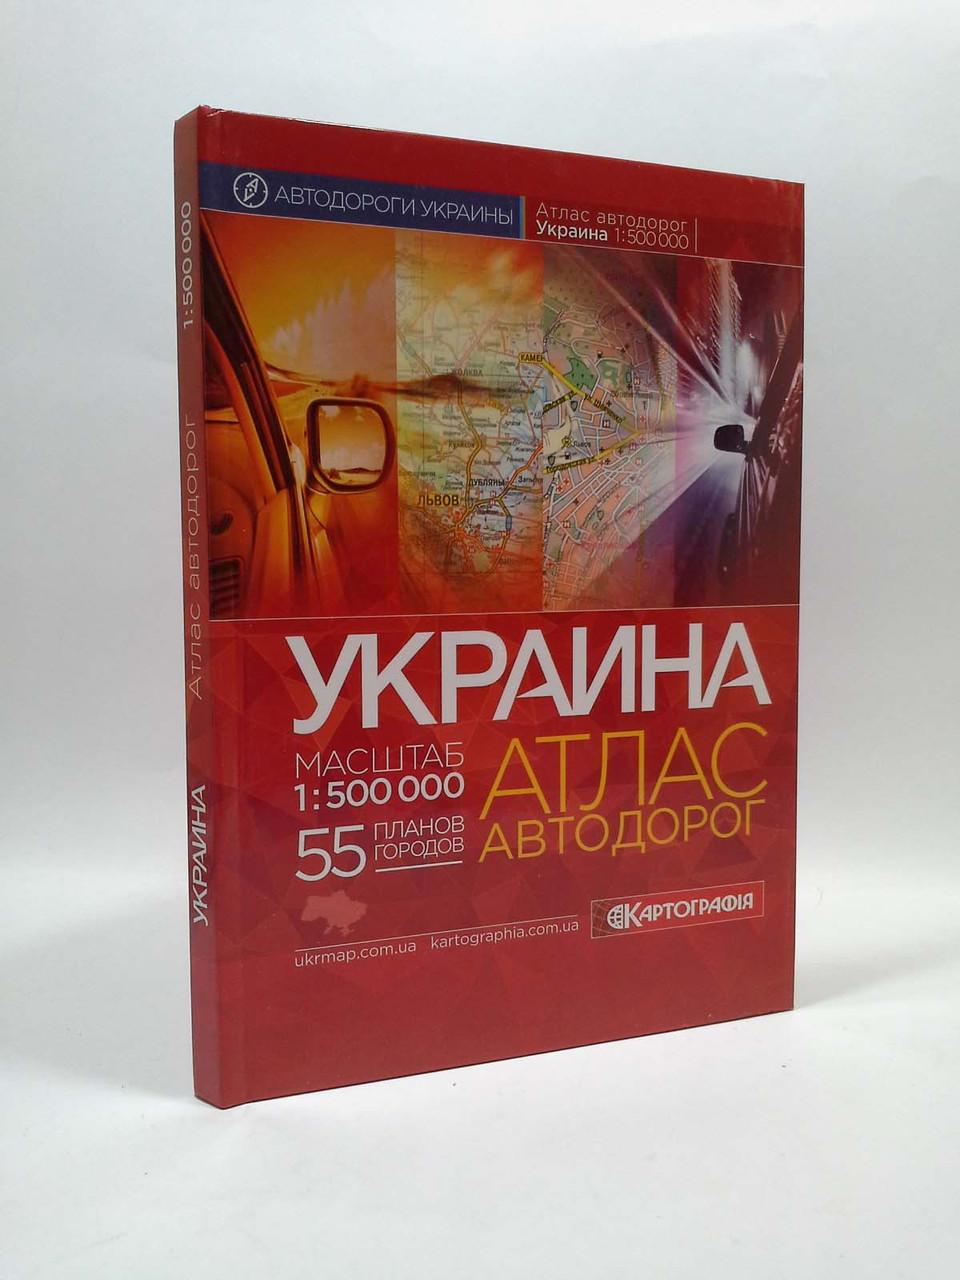 Авто Україна РУС 1:500 000 тв +55 ПМ Атлас автодорог ТШ Авто Украина